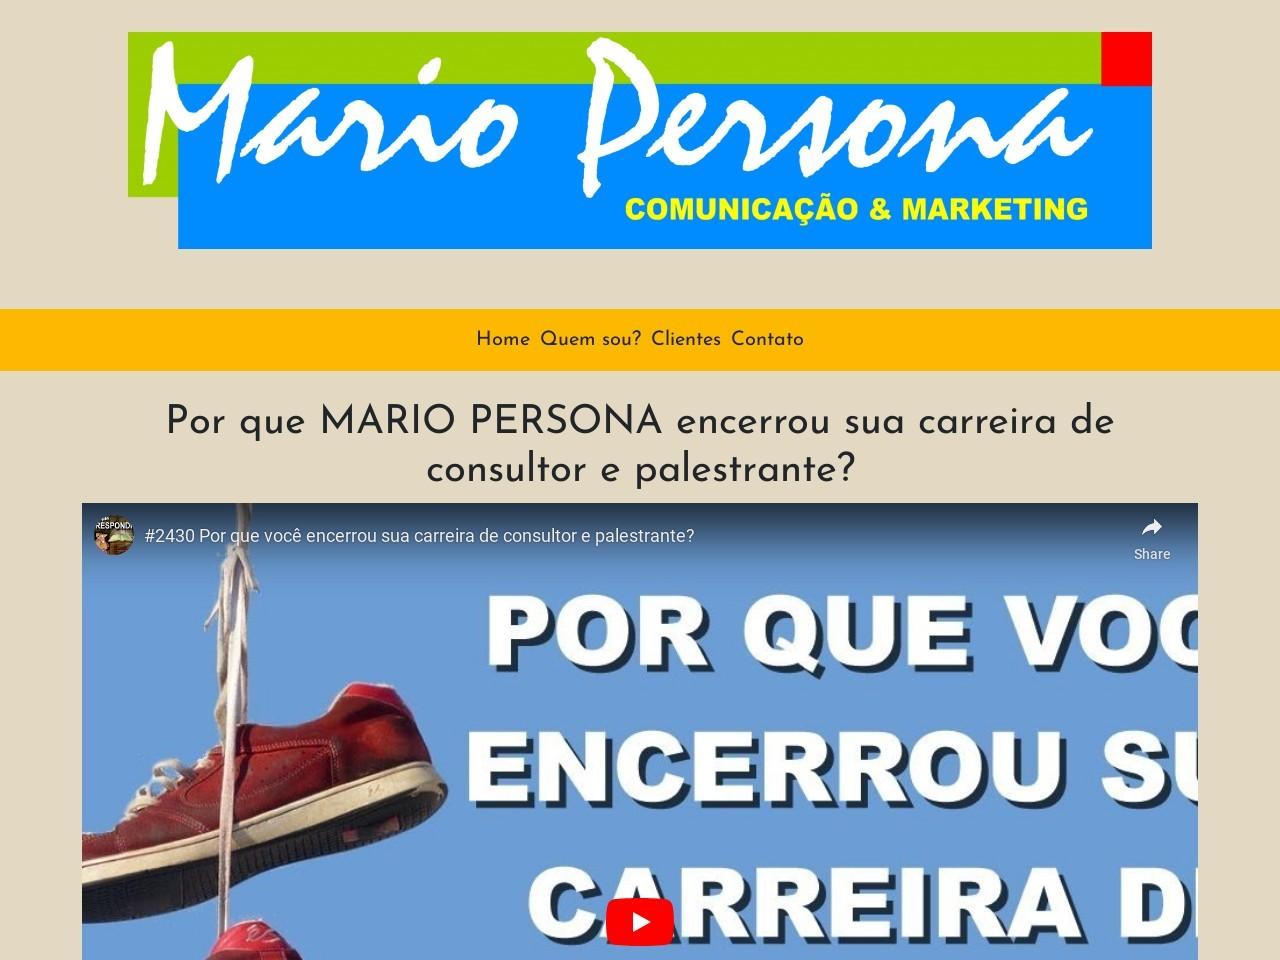 https://www.mariopersona.com.br